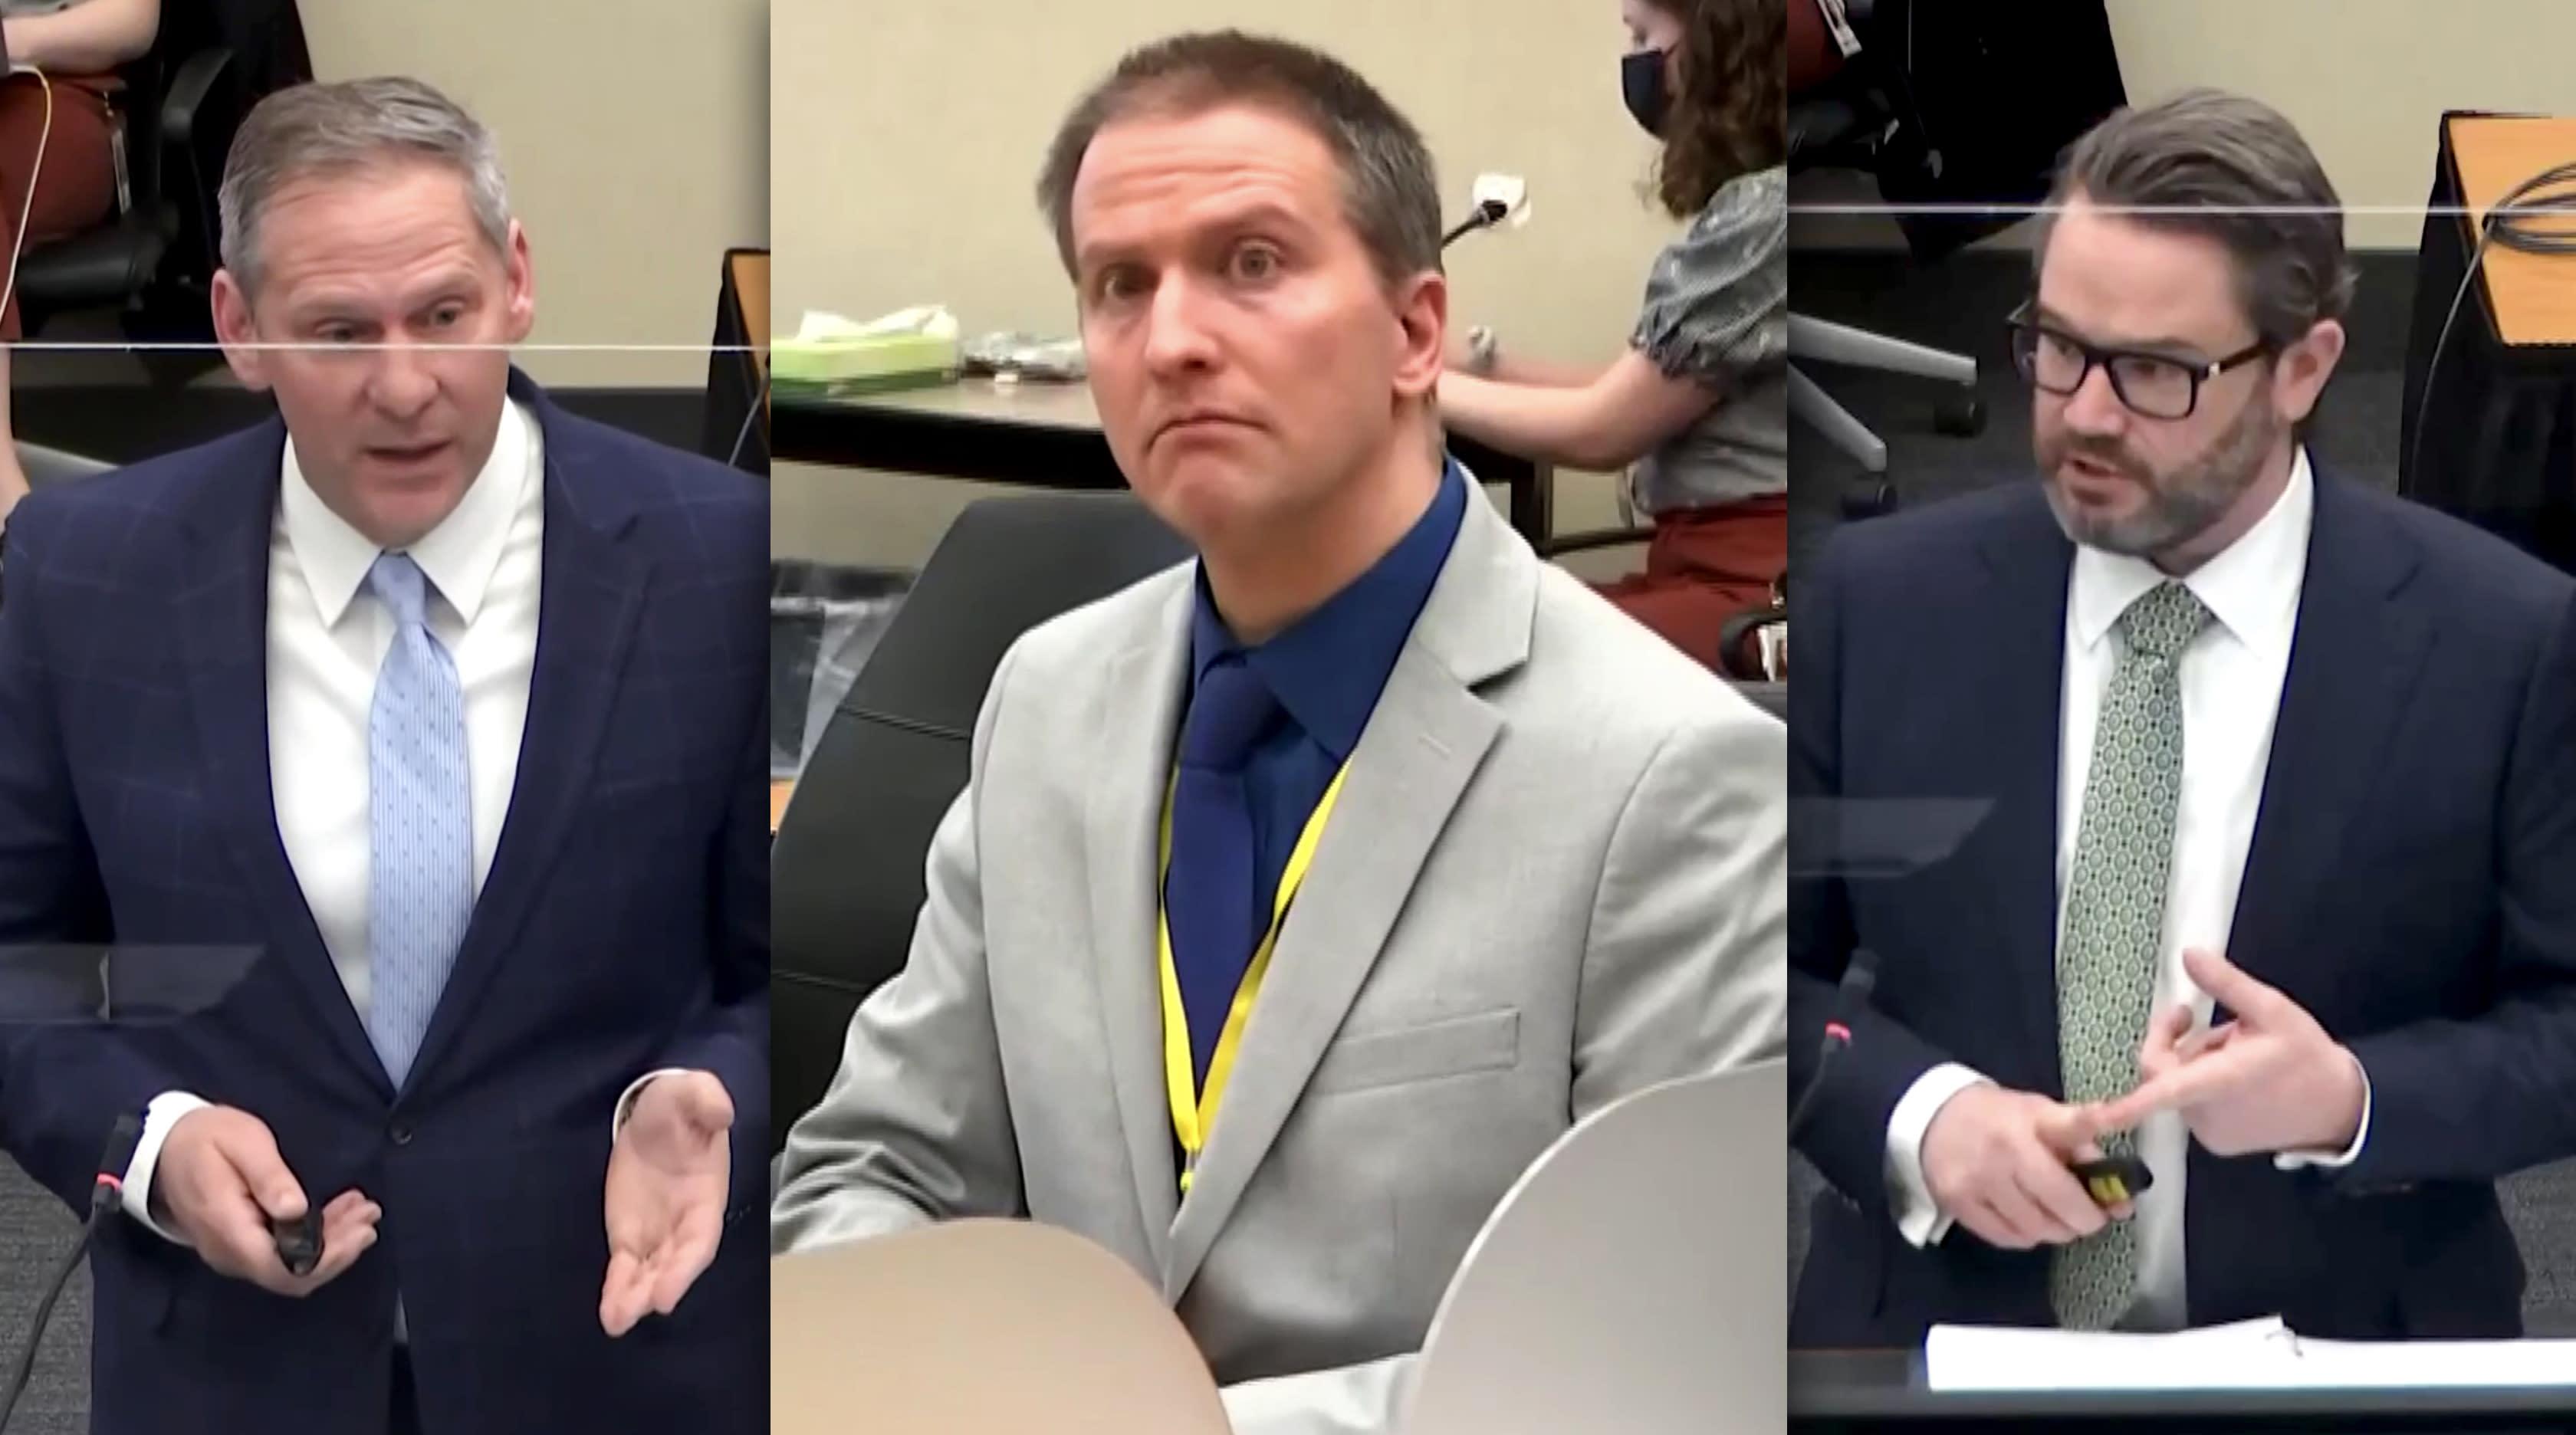 Jury deliberations begin in Derek Chauvin murder trial